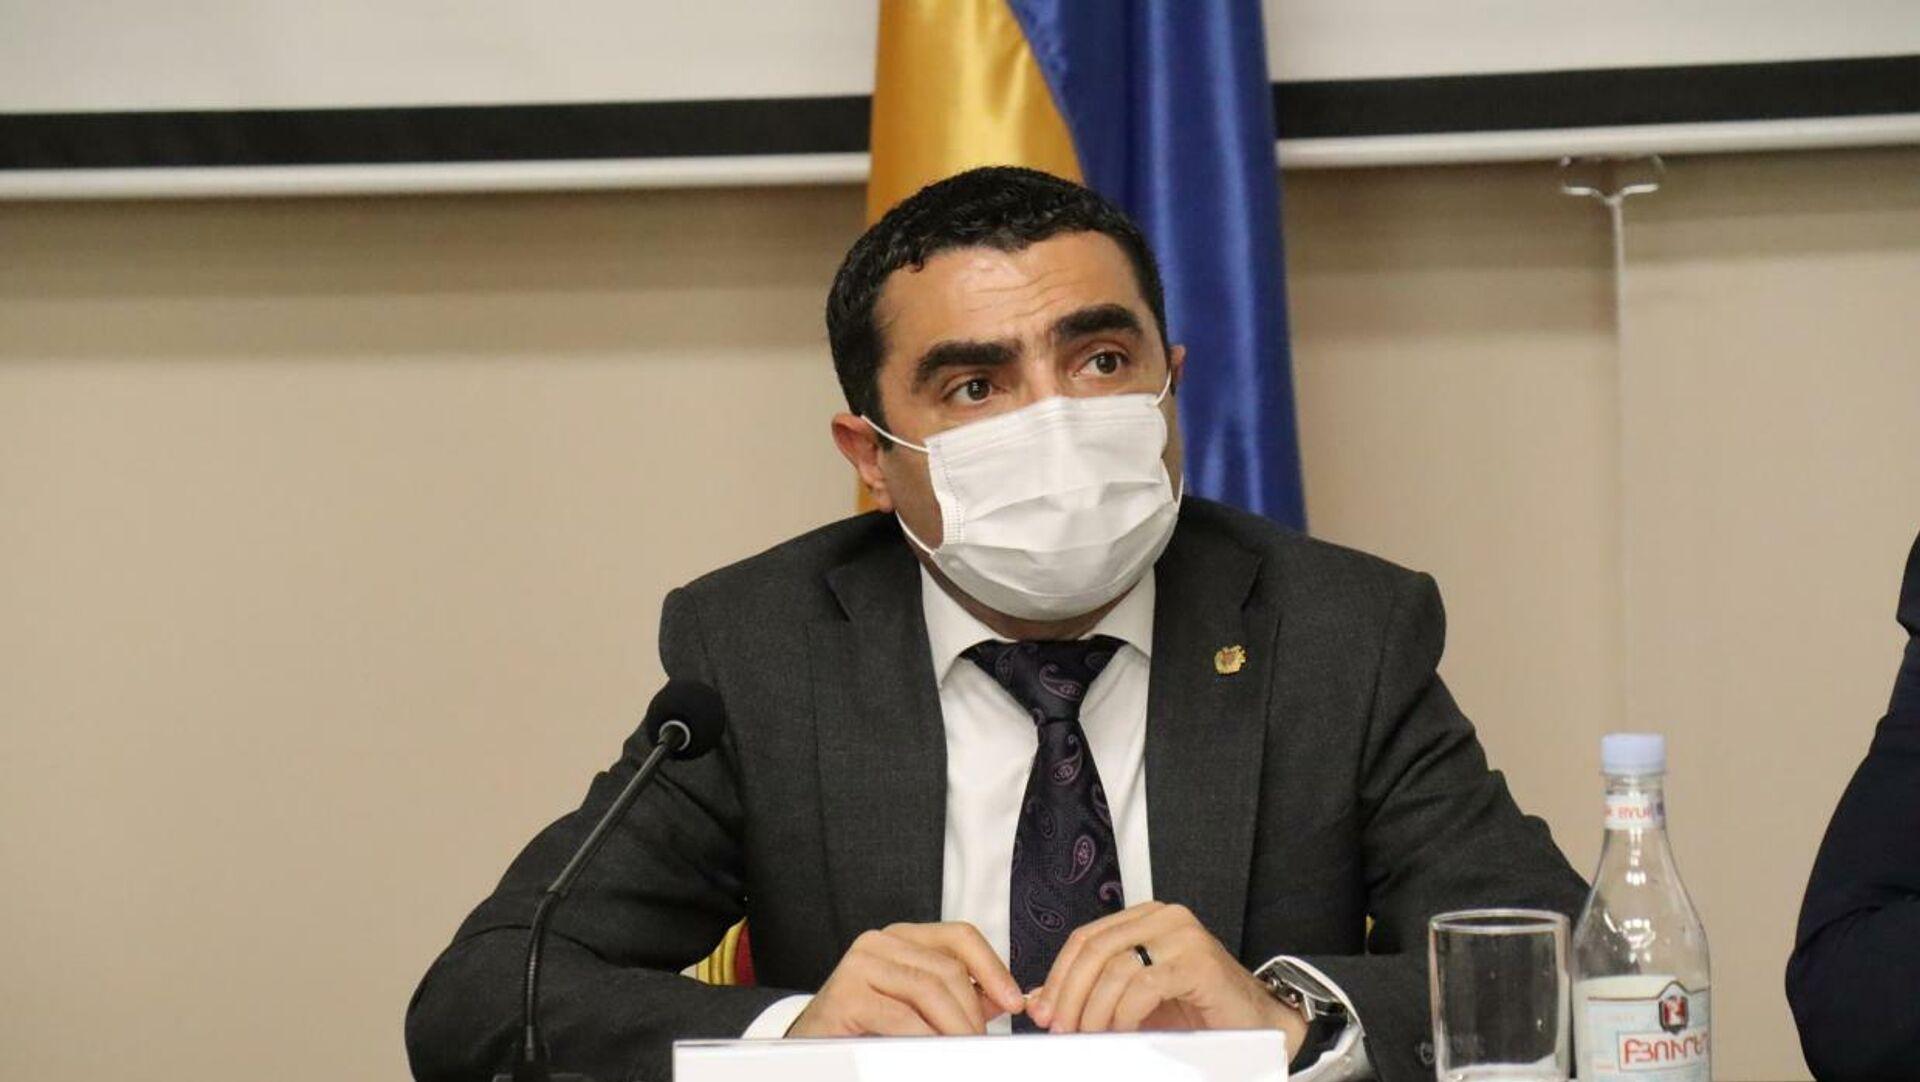 Министр окружающей среды Романос Петросян провел расширенные консультации с представителями лесного хозяйства - Sputnik Արմենիա, 1920, 17.09.2021